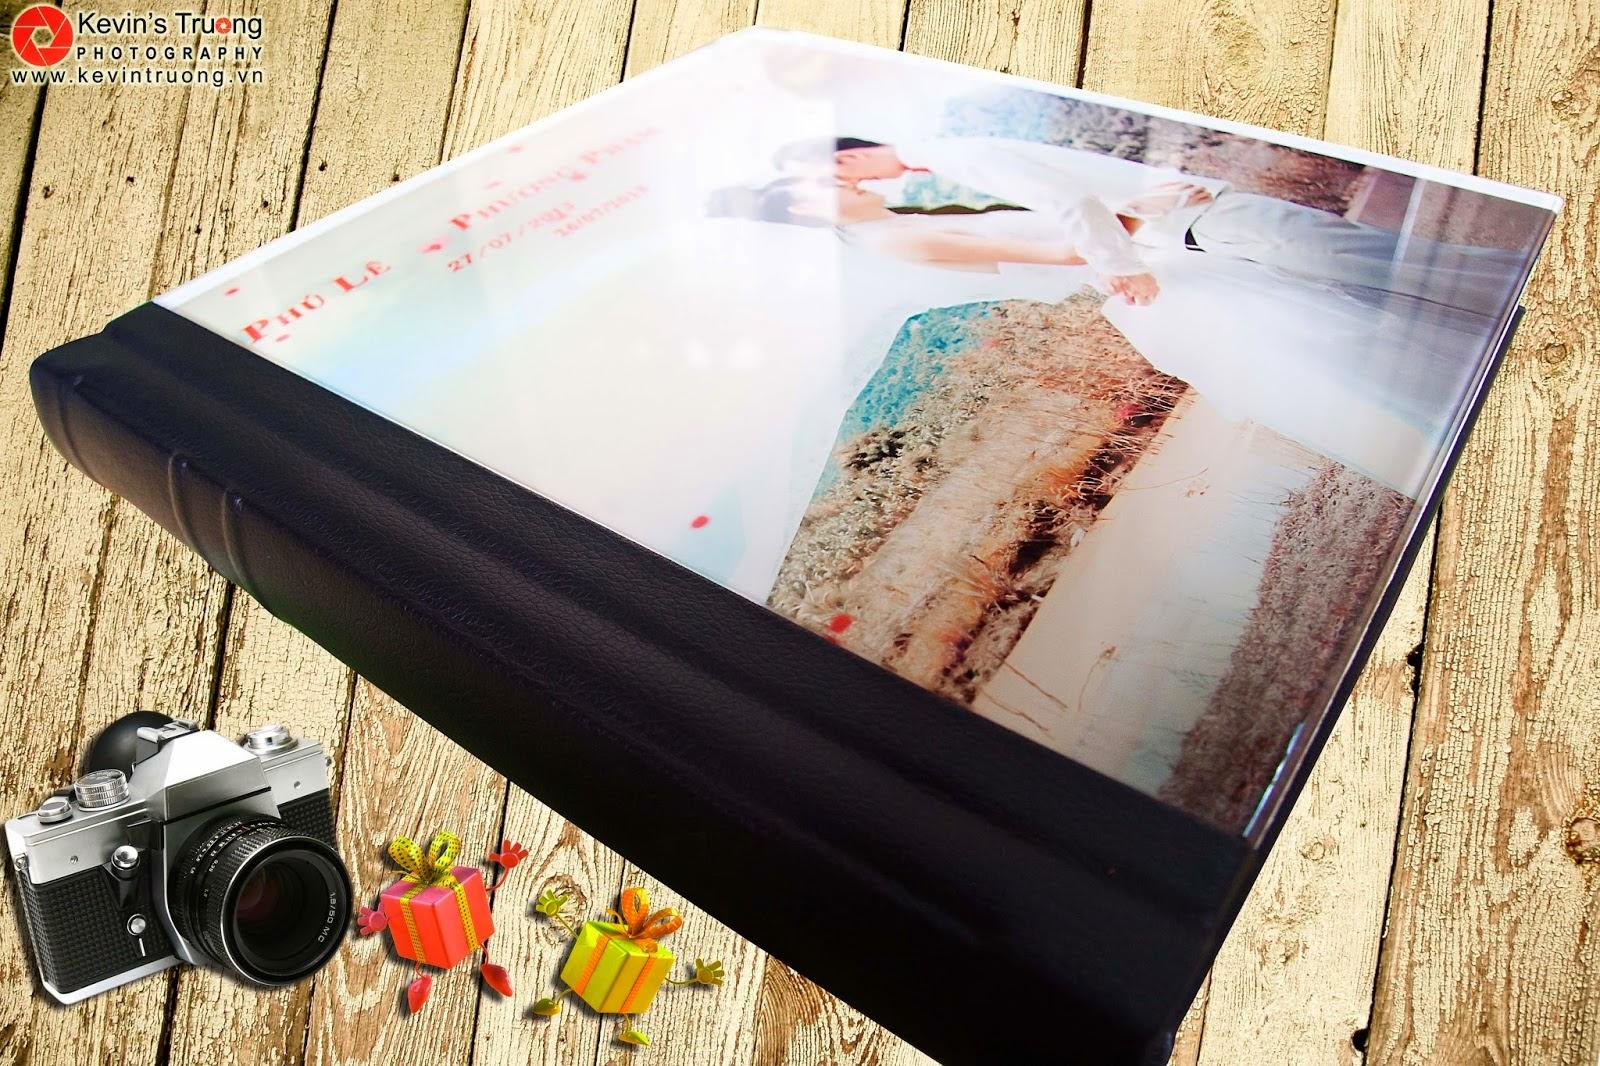 Gia Công-In Album Cát Kim Tuyến-Album 3D,Photobook,Ép gỗ các loại - 9